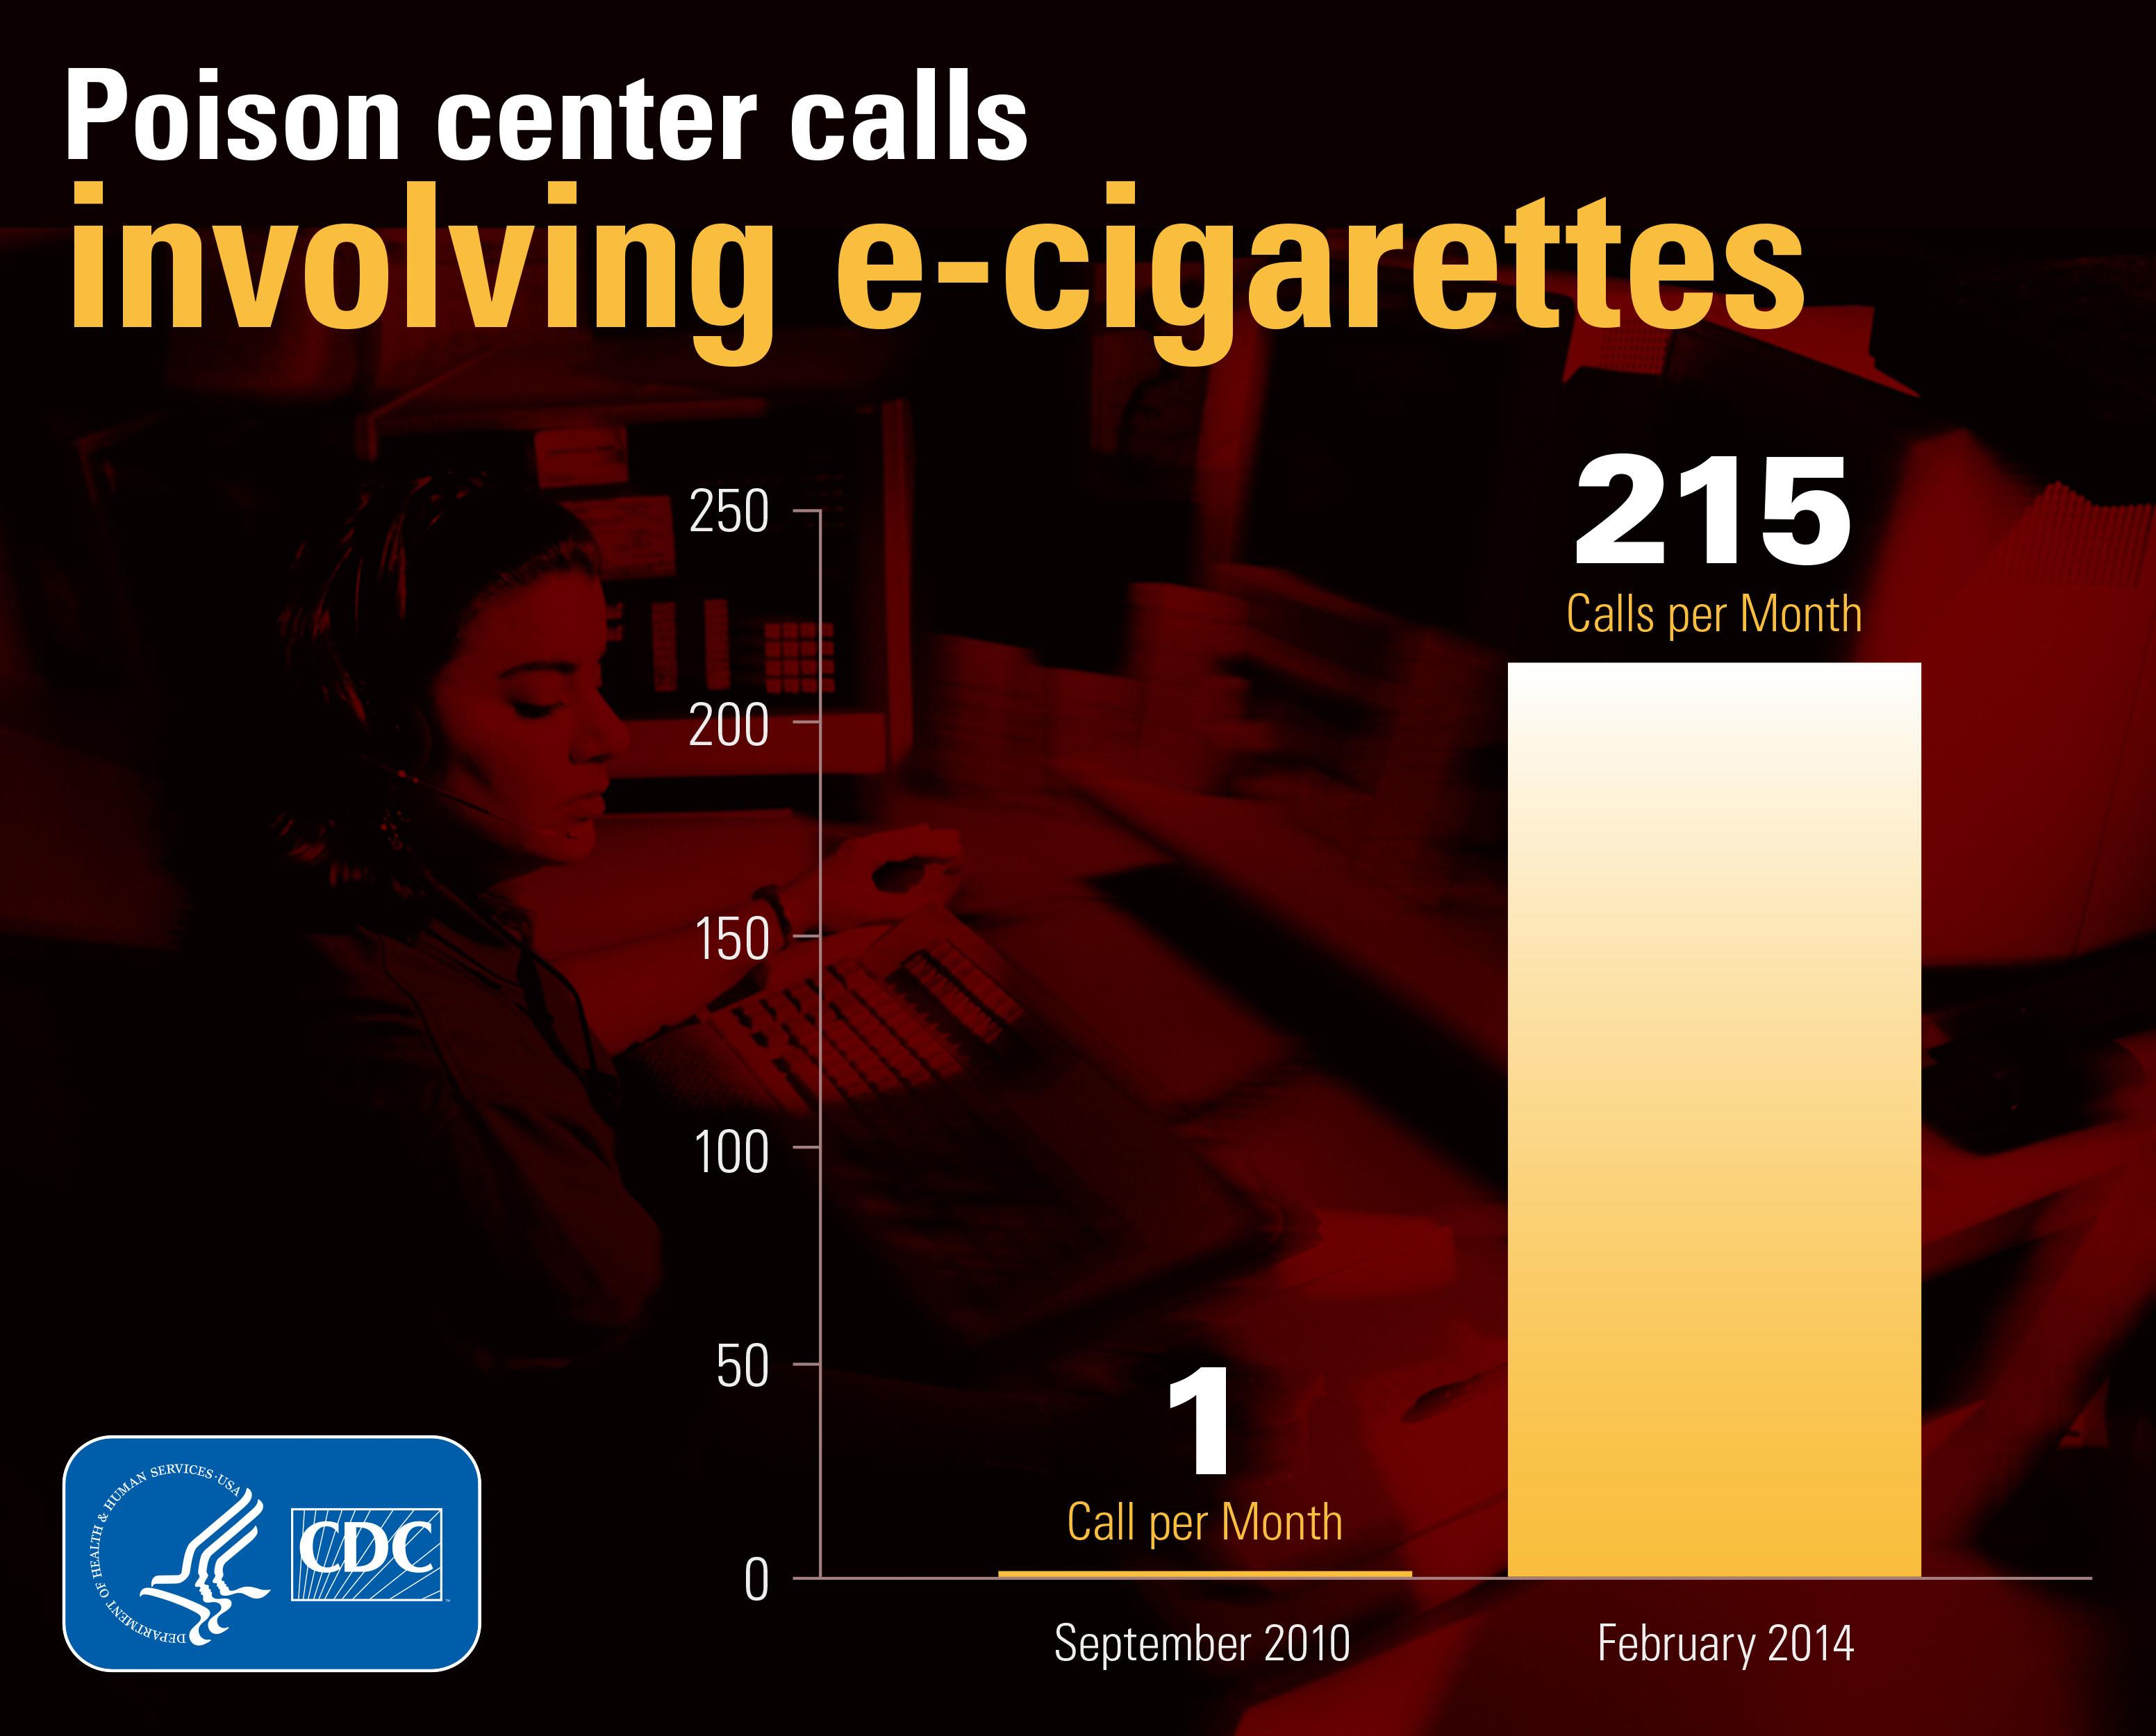 Poison center calls involving e-cigarettes